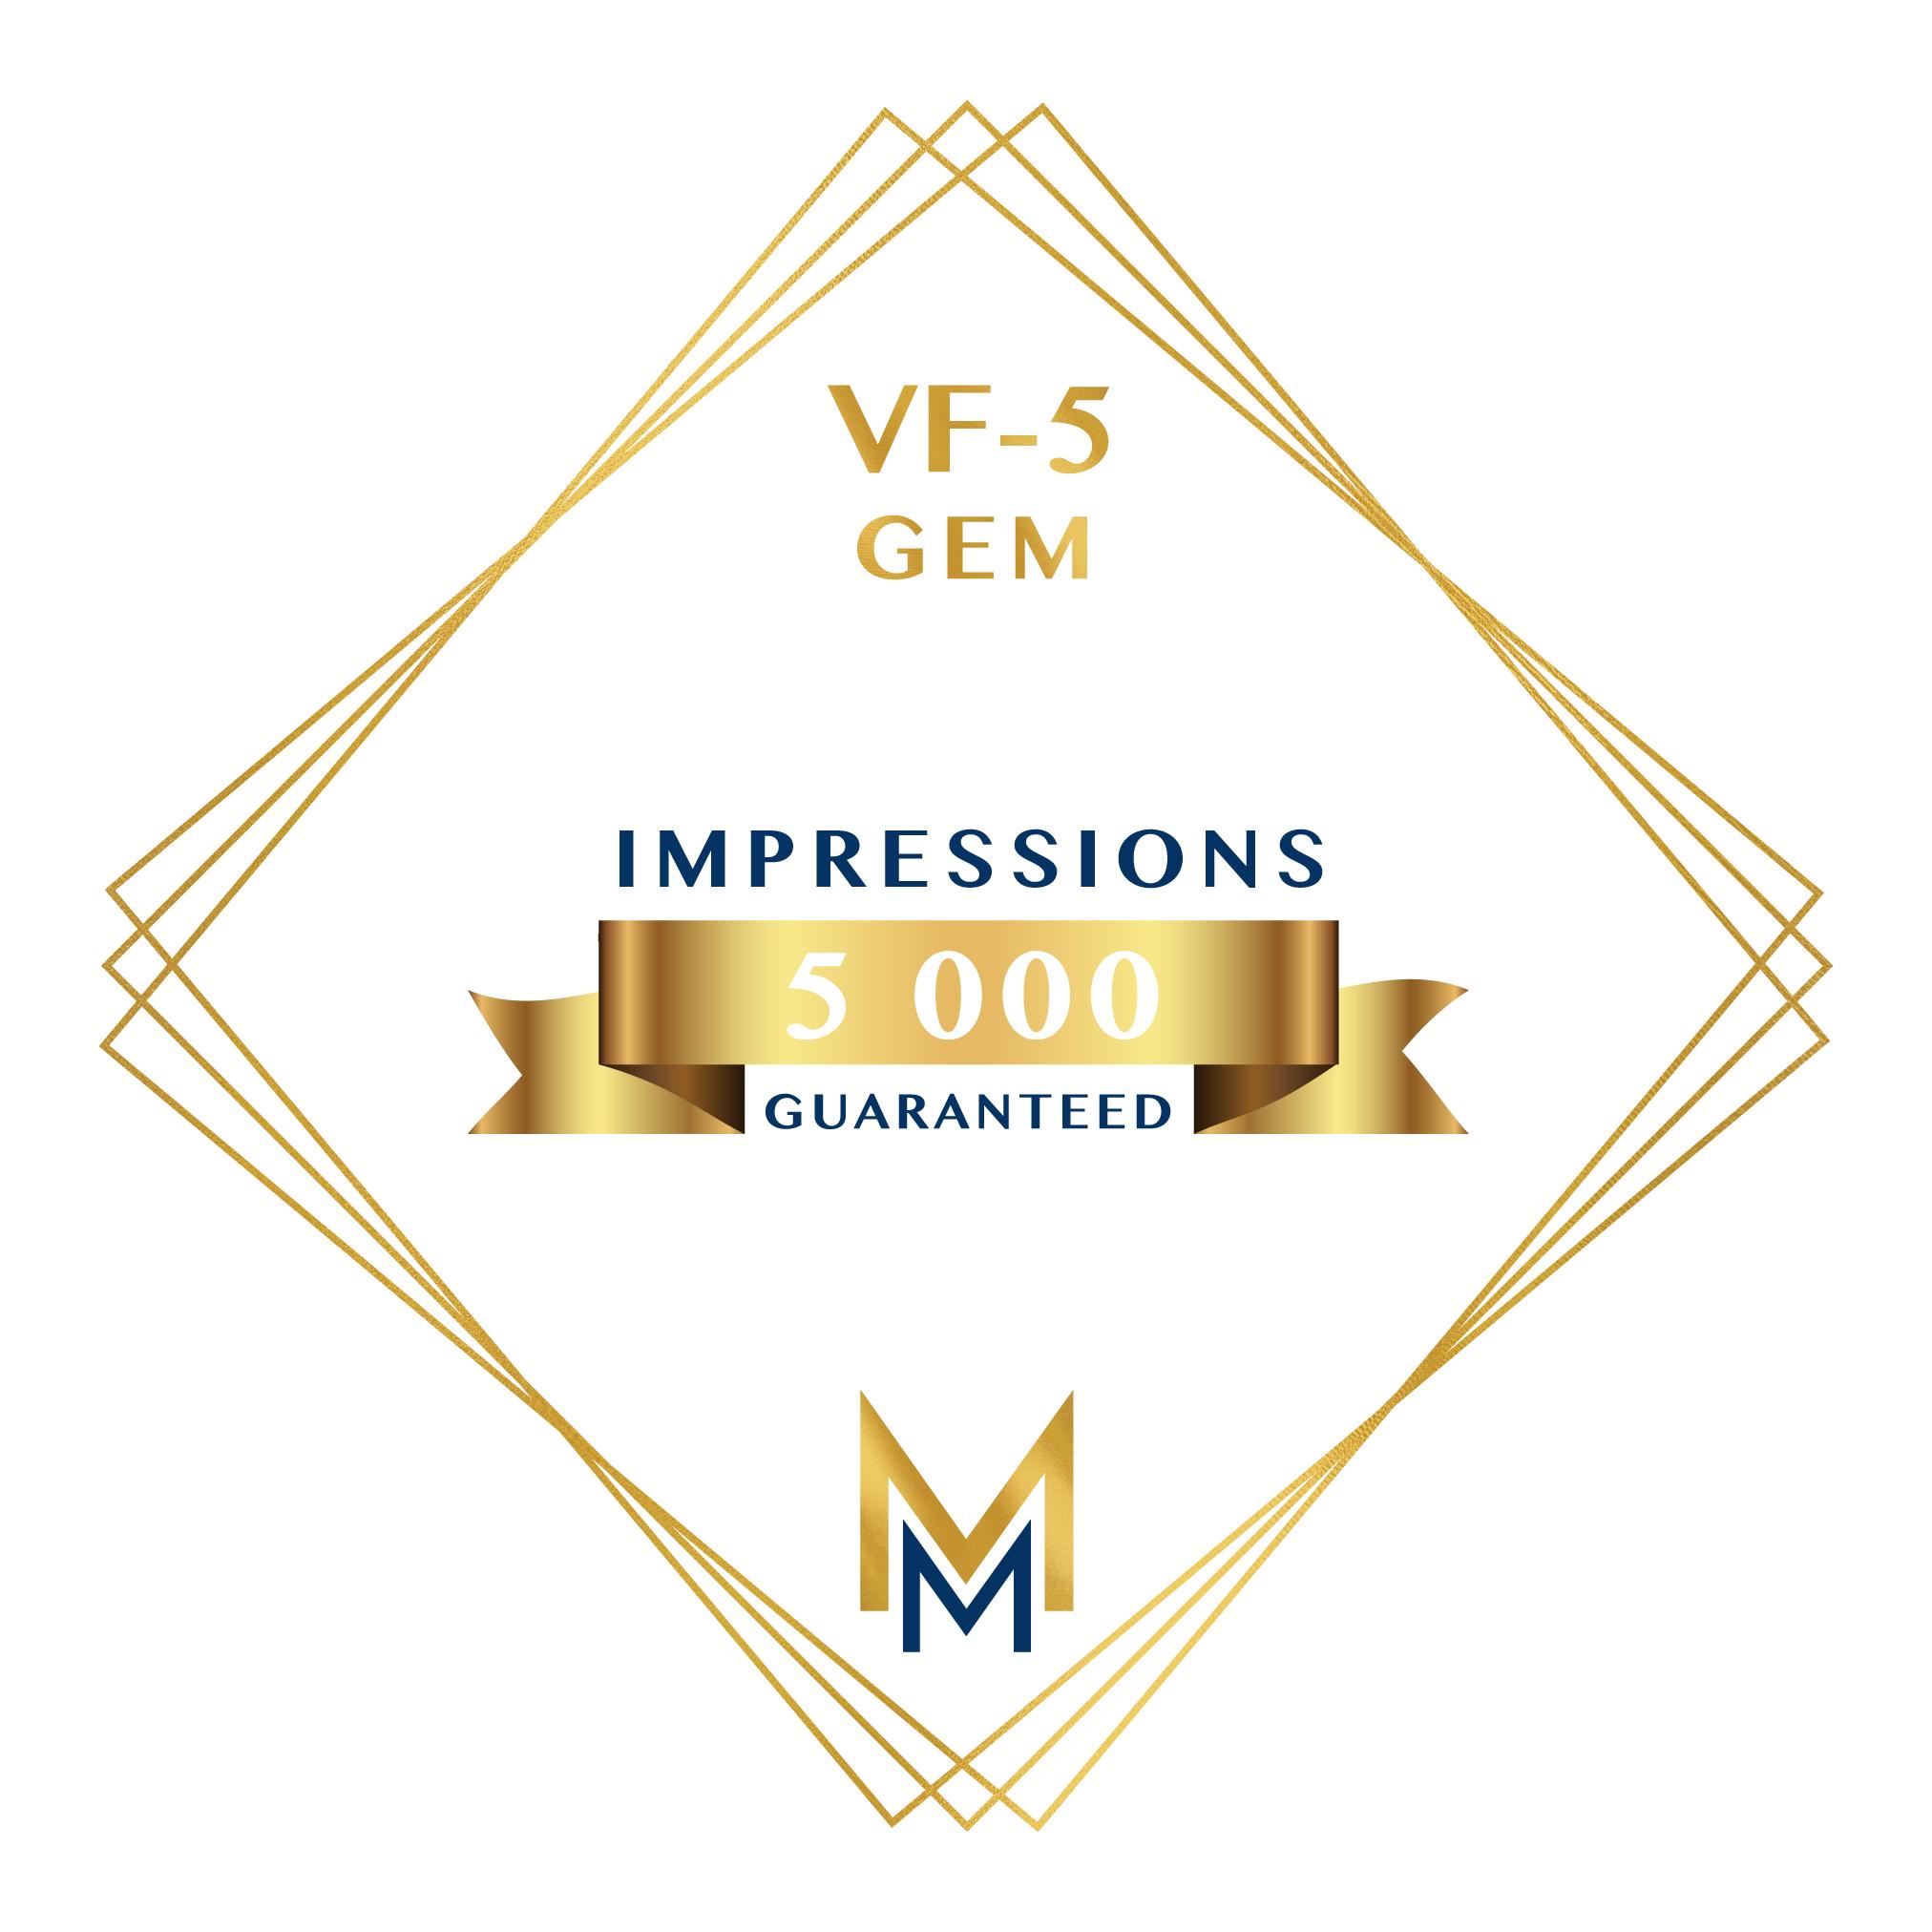 Gem-VF-5-MMS-HQ.jpg